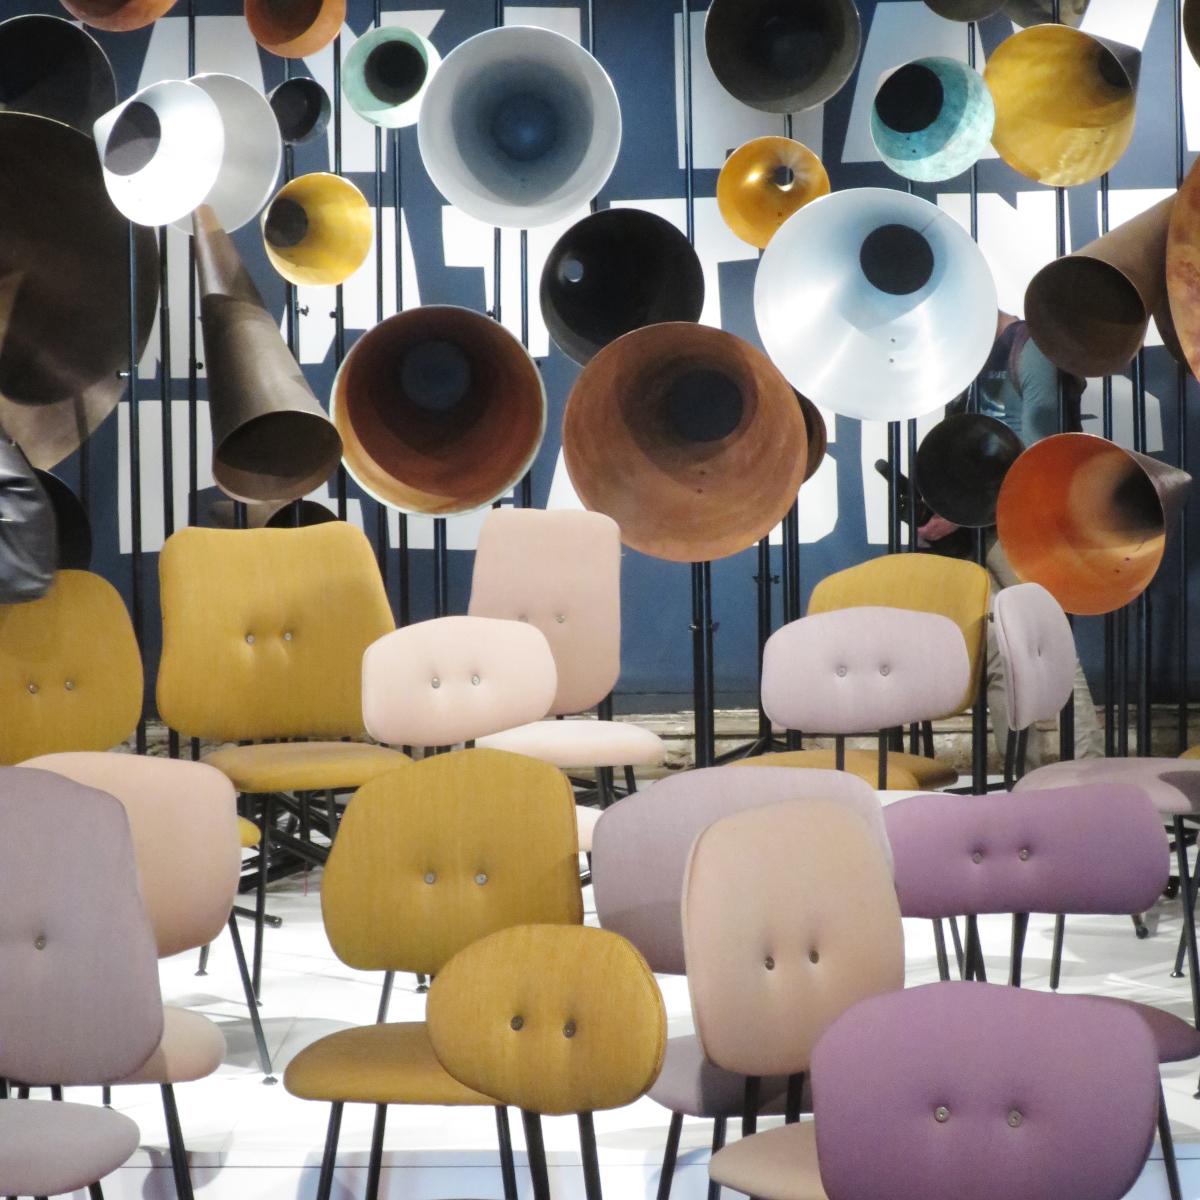 101 Chair de Maarten Baas en la feria de Milán